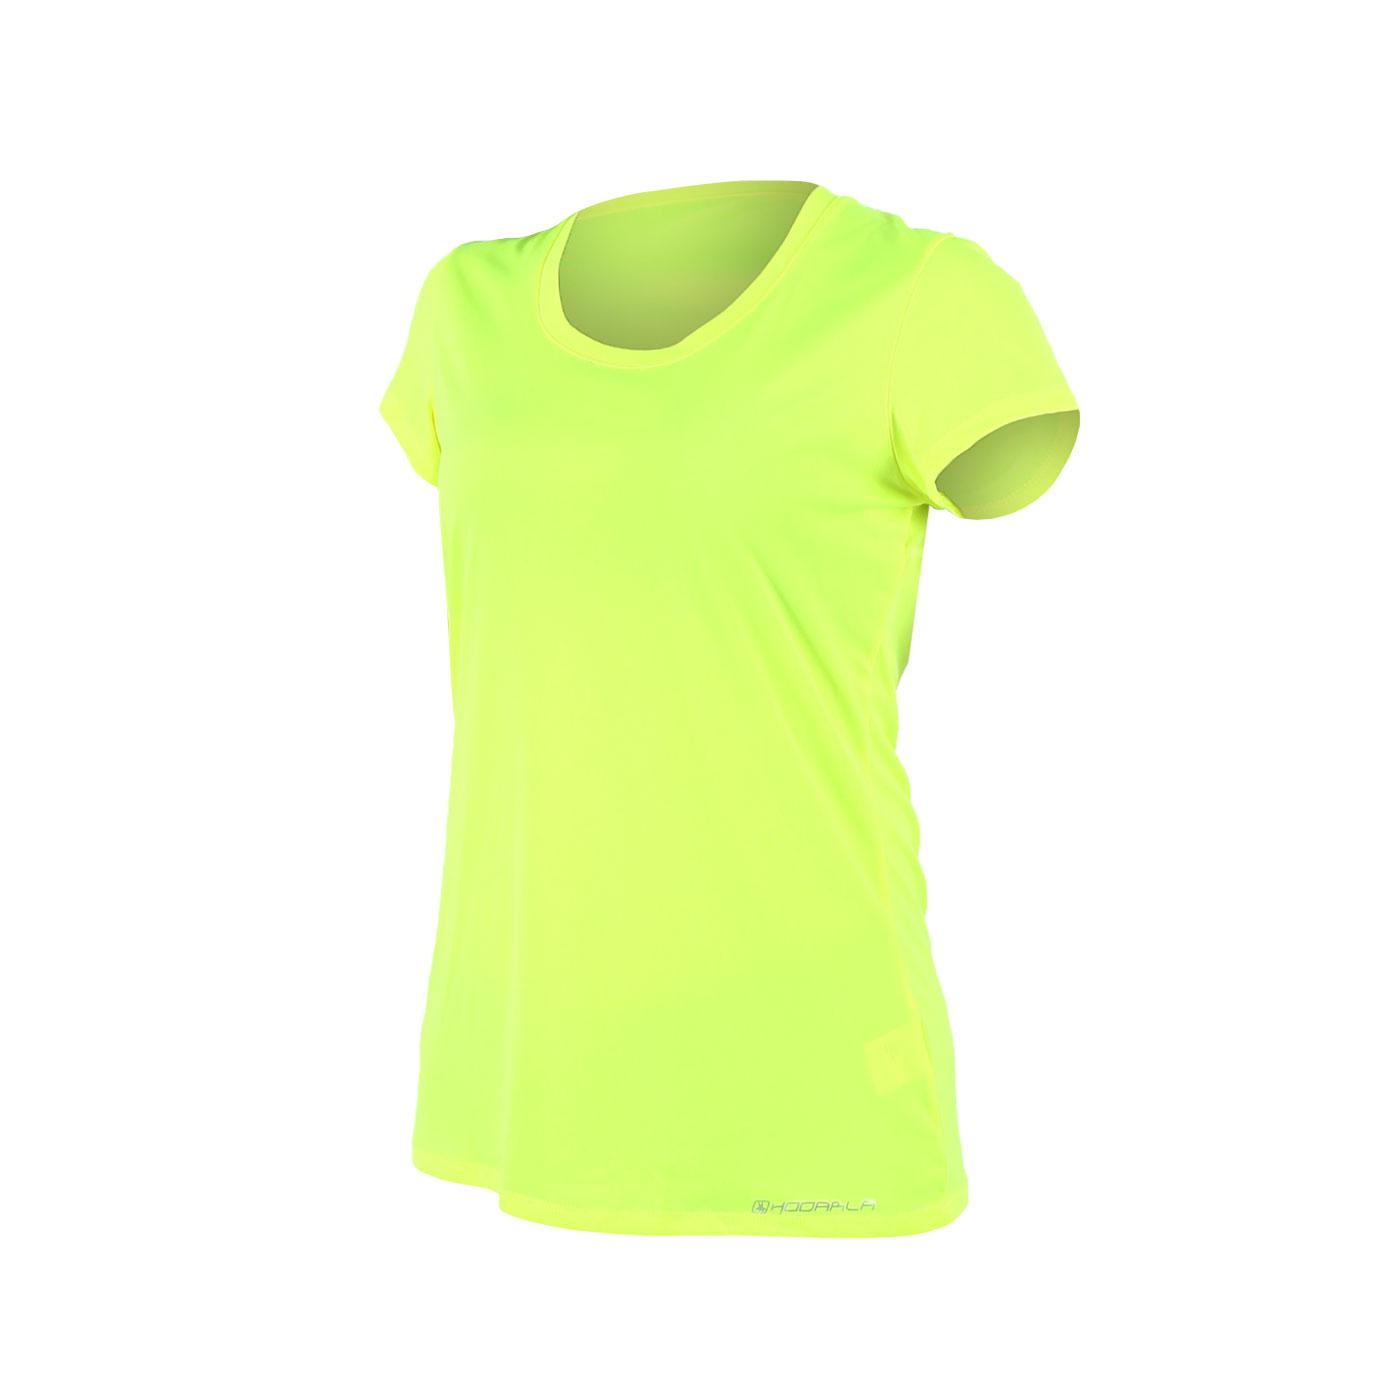 HODARLA 女款晶漾拼接短袖T恤 3125202 - 螢光黃